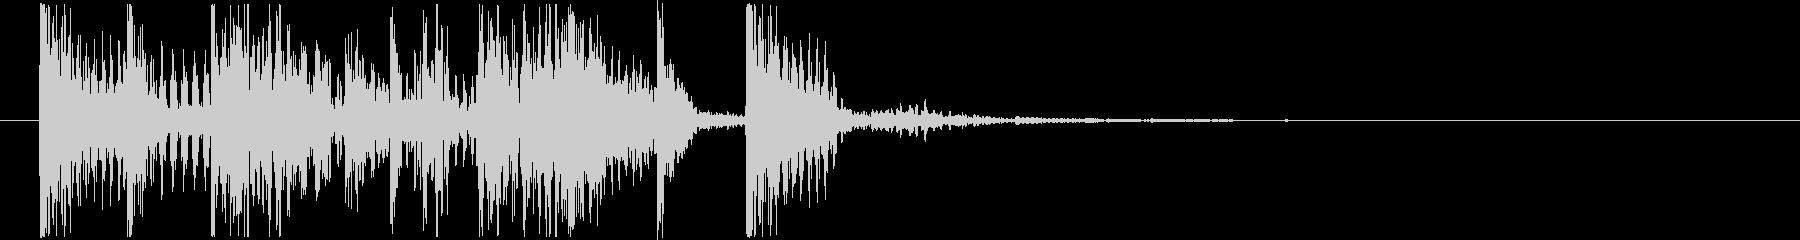 ゲームクリアジングル01の未再生の波形